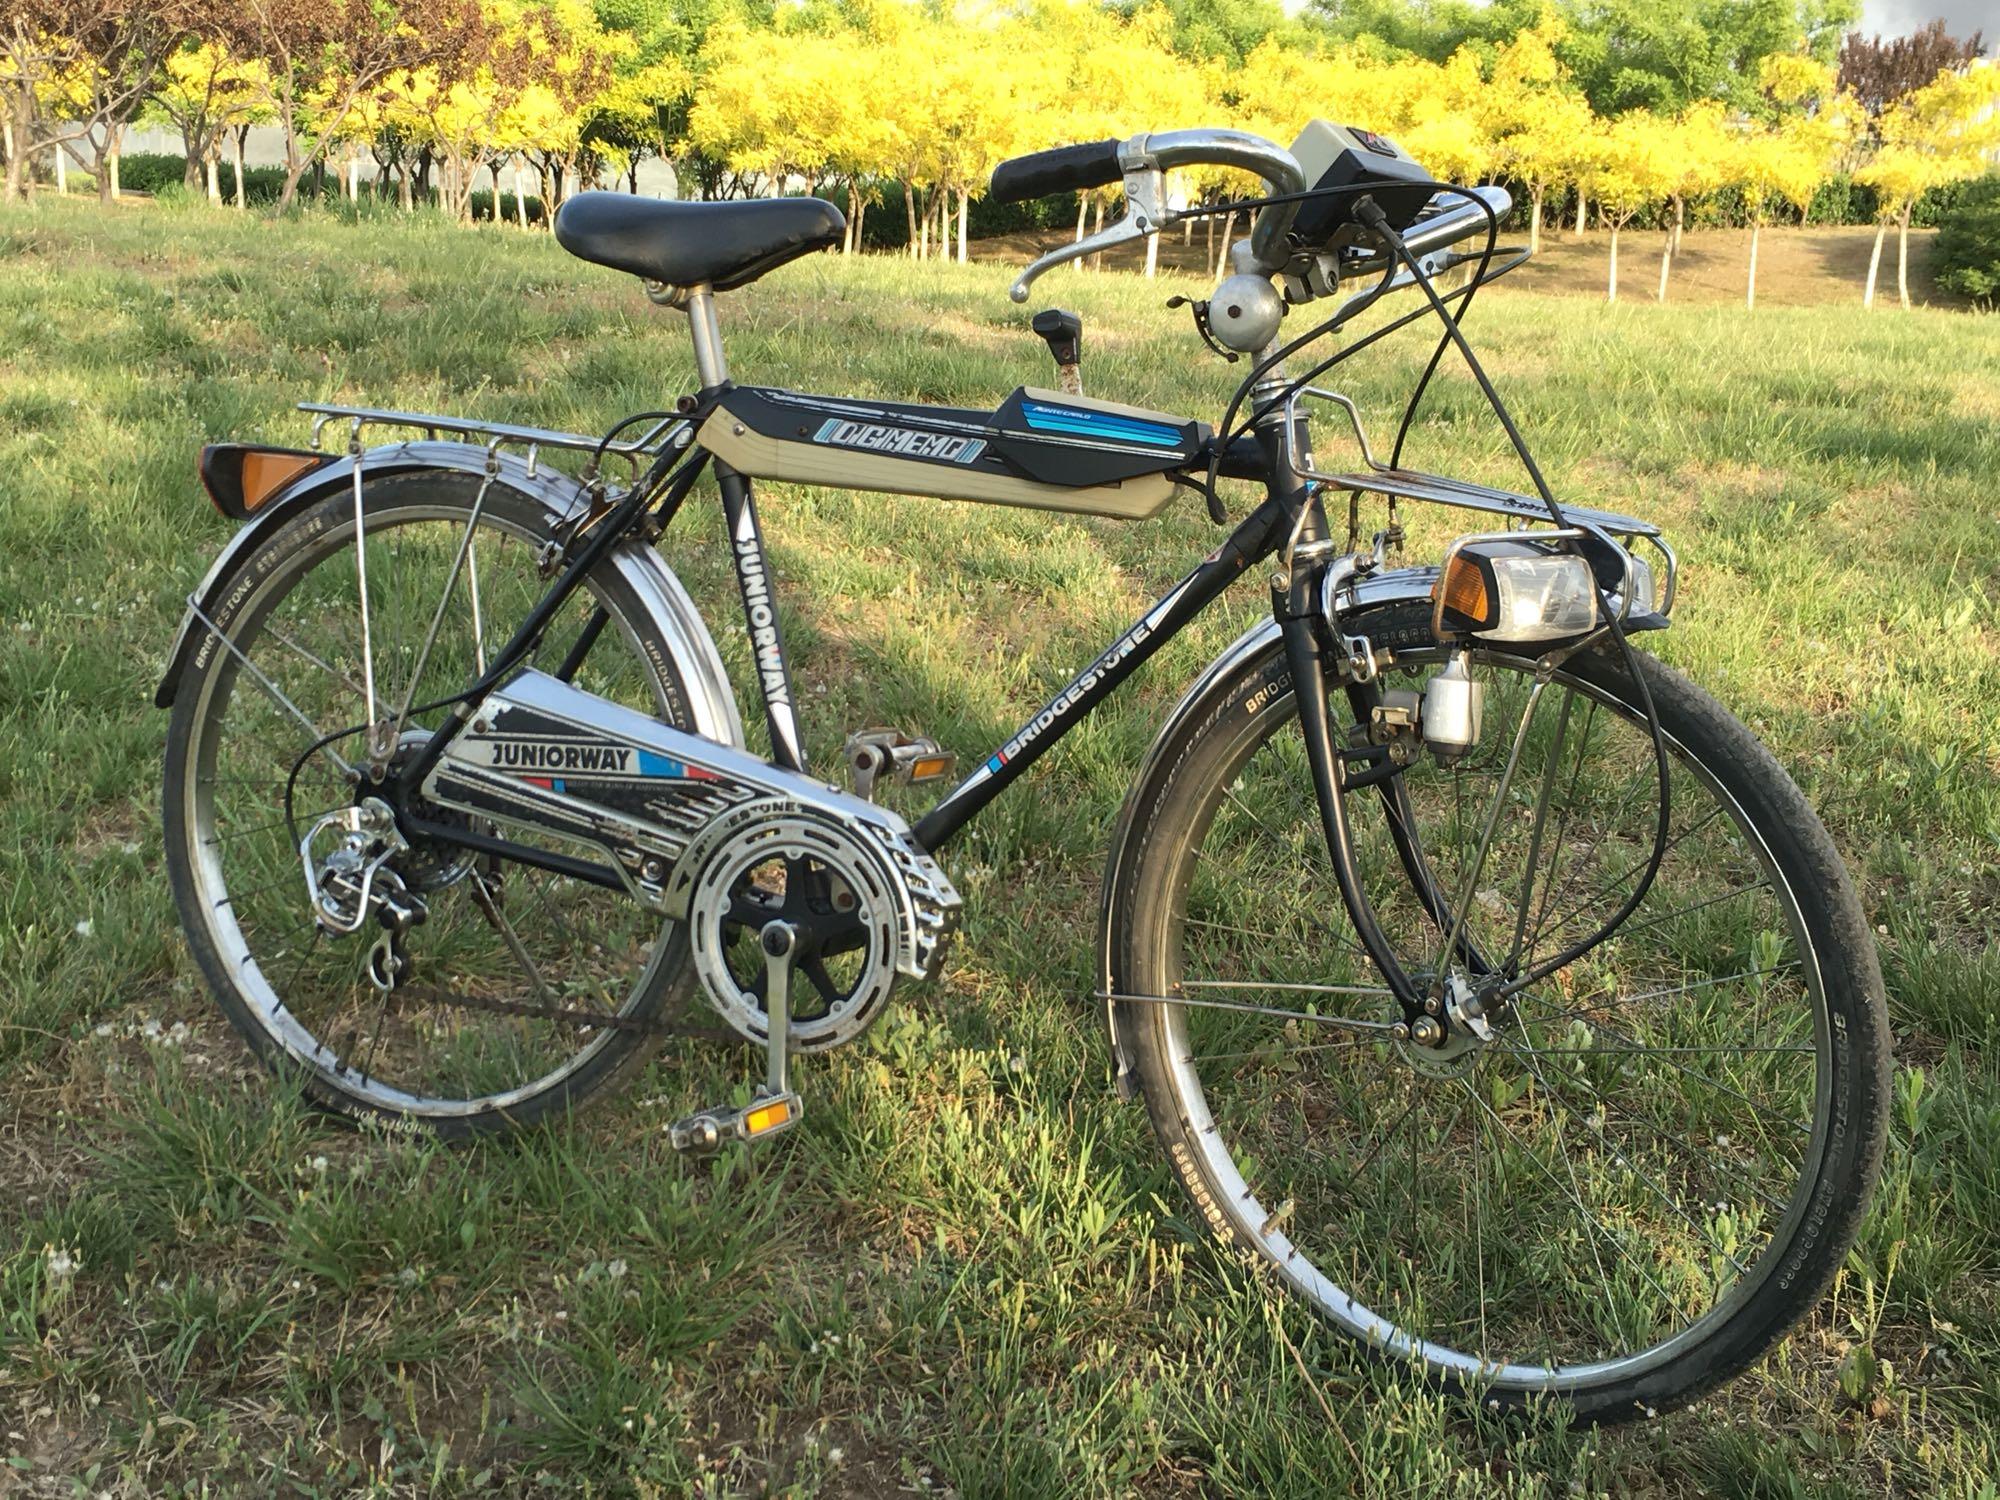 El vehículo de segunda mano de bicicletas de lujo japonés Bridgestone Josh variable de 5 velocidades de excursión el auto tipo 22